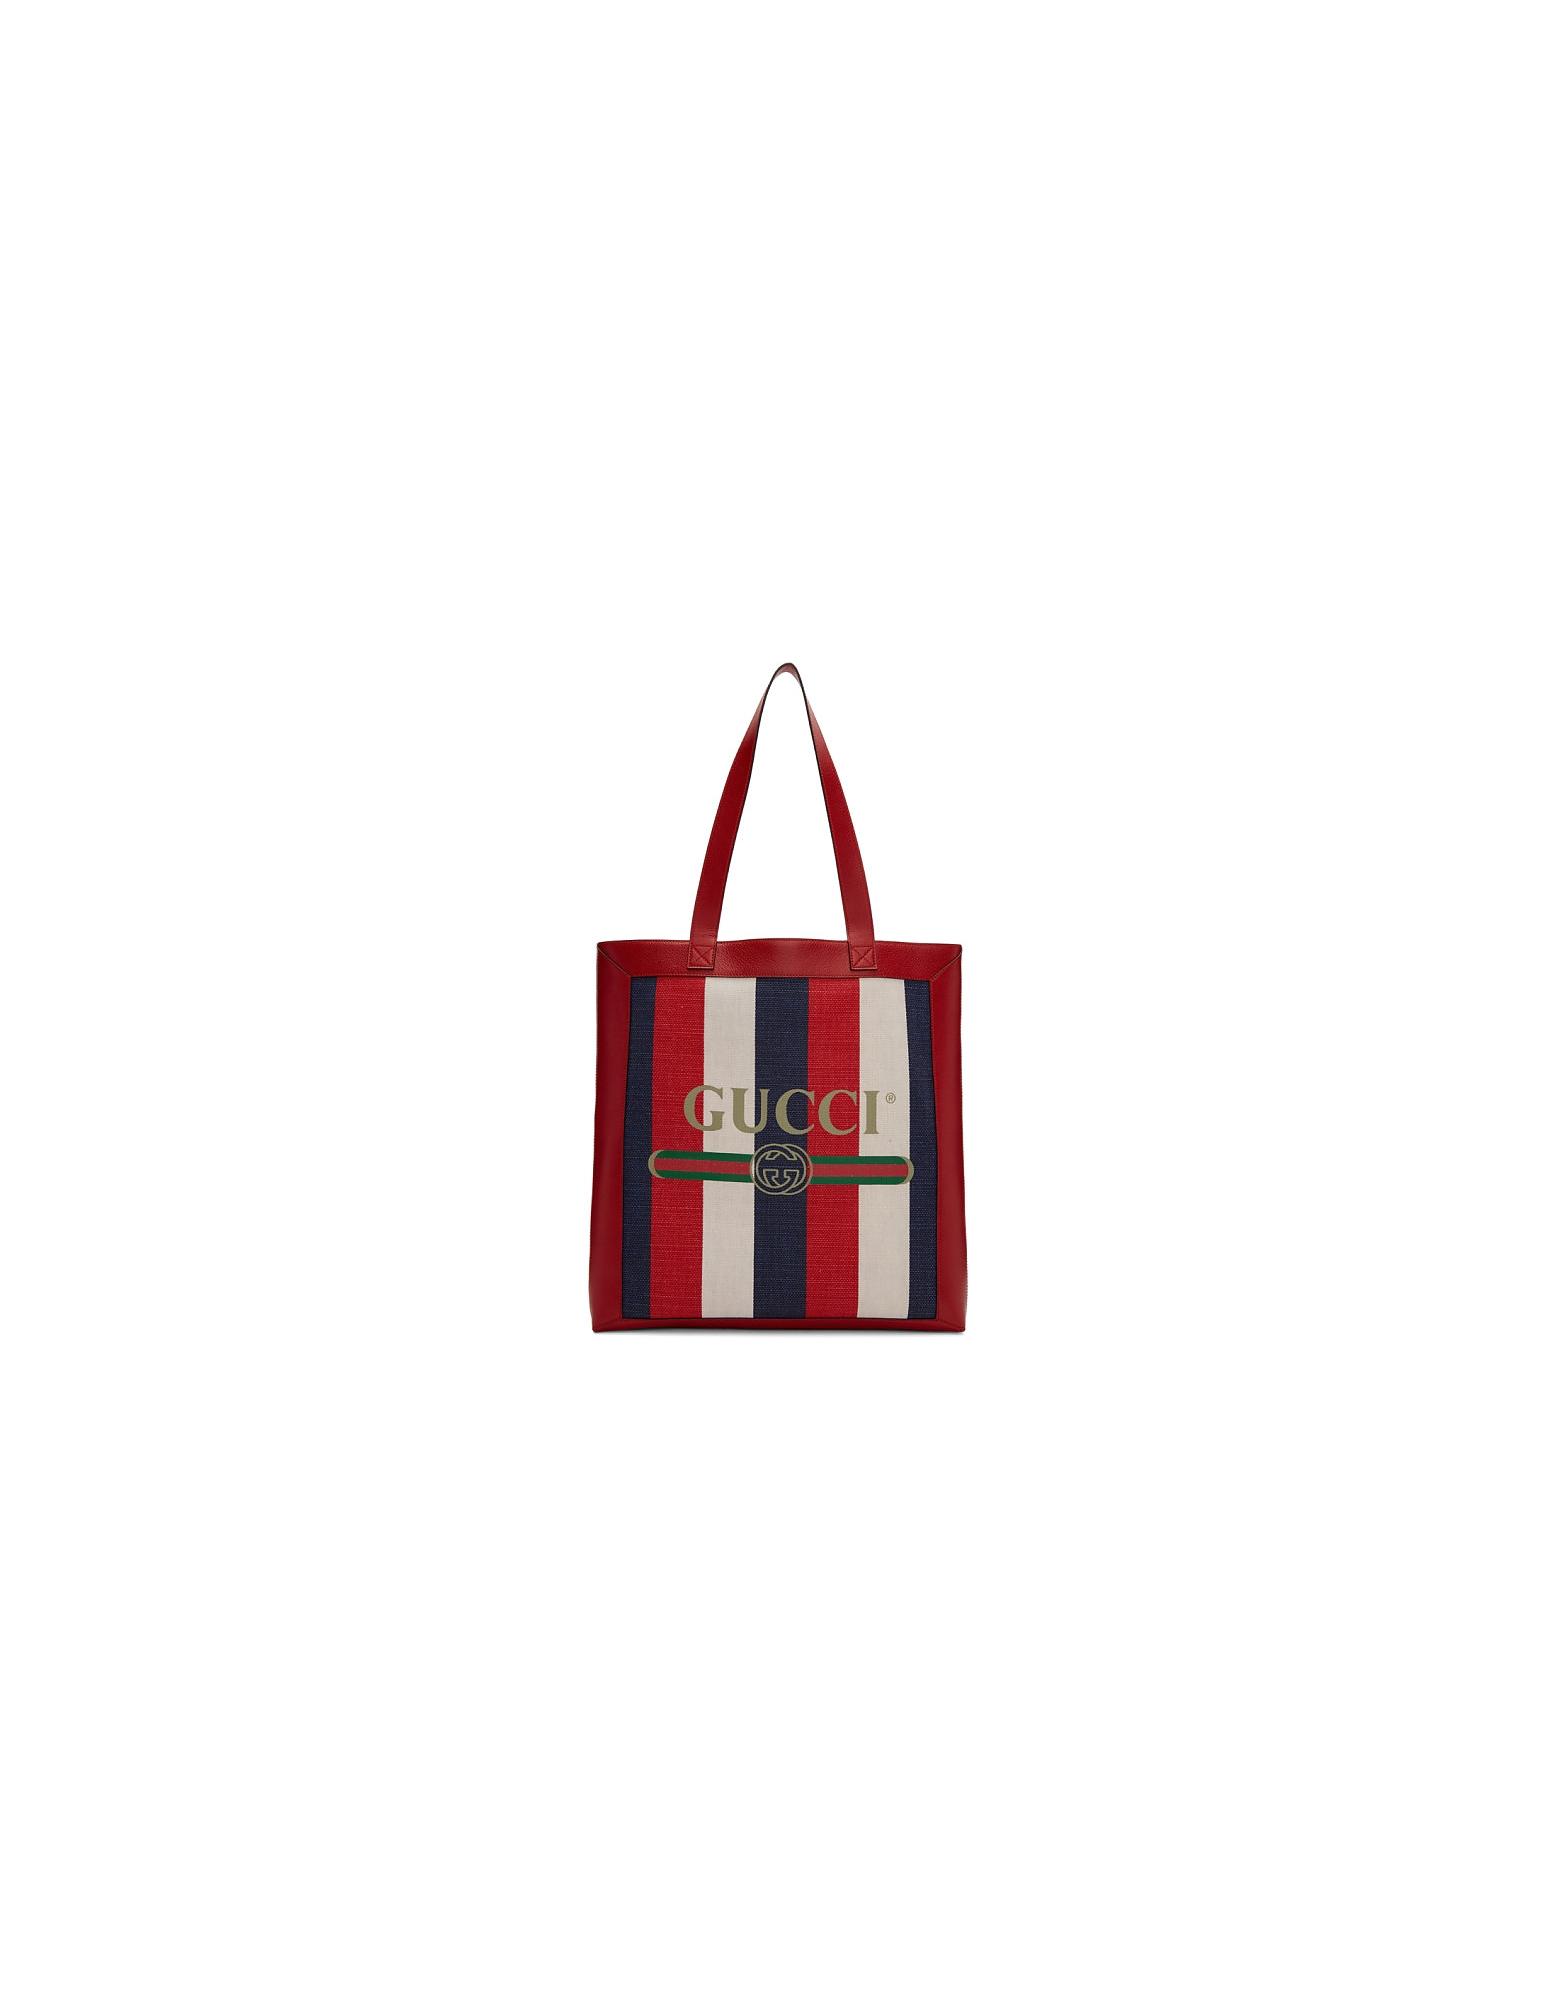 Gucci Designer Men's Bags, Tricolor Striped Tote